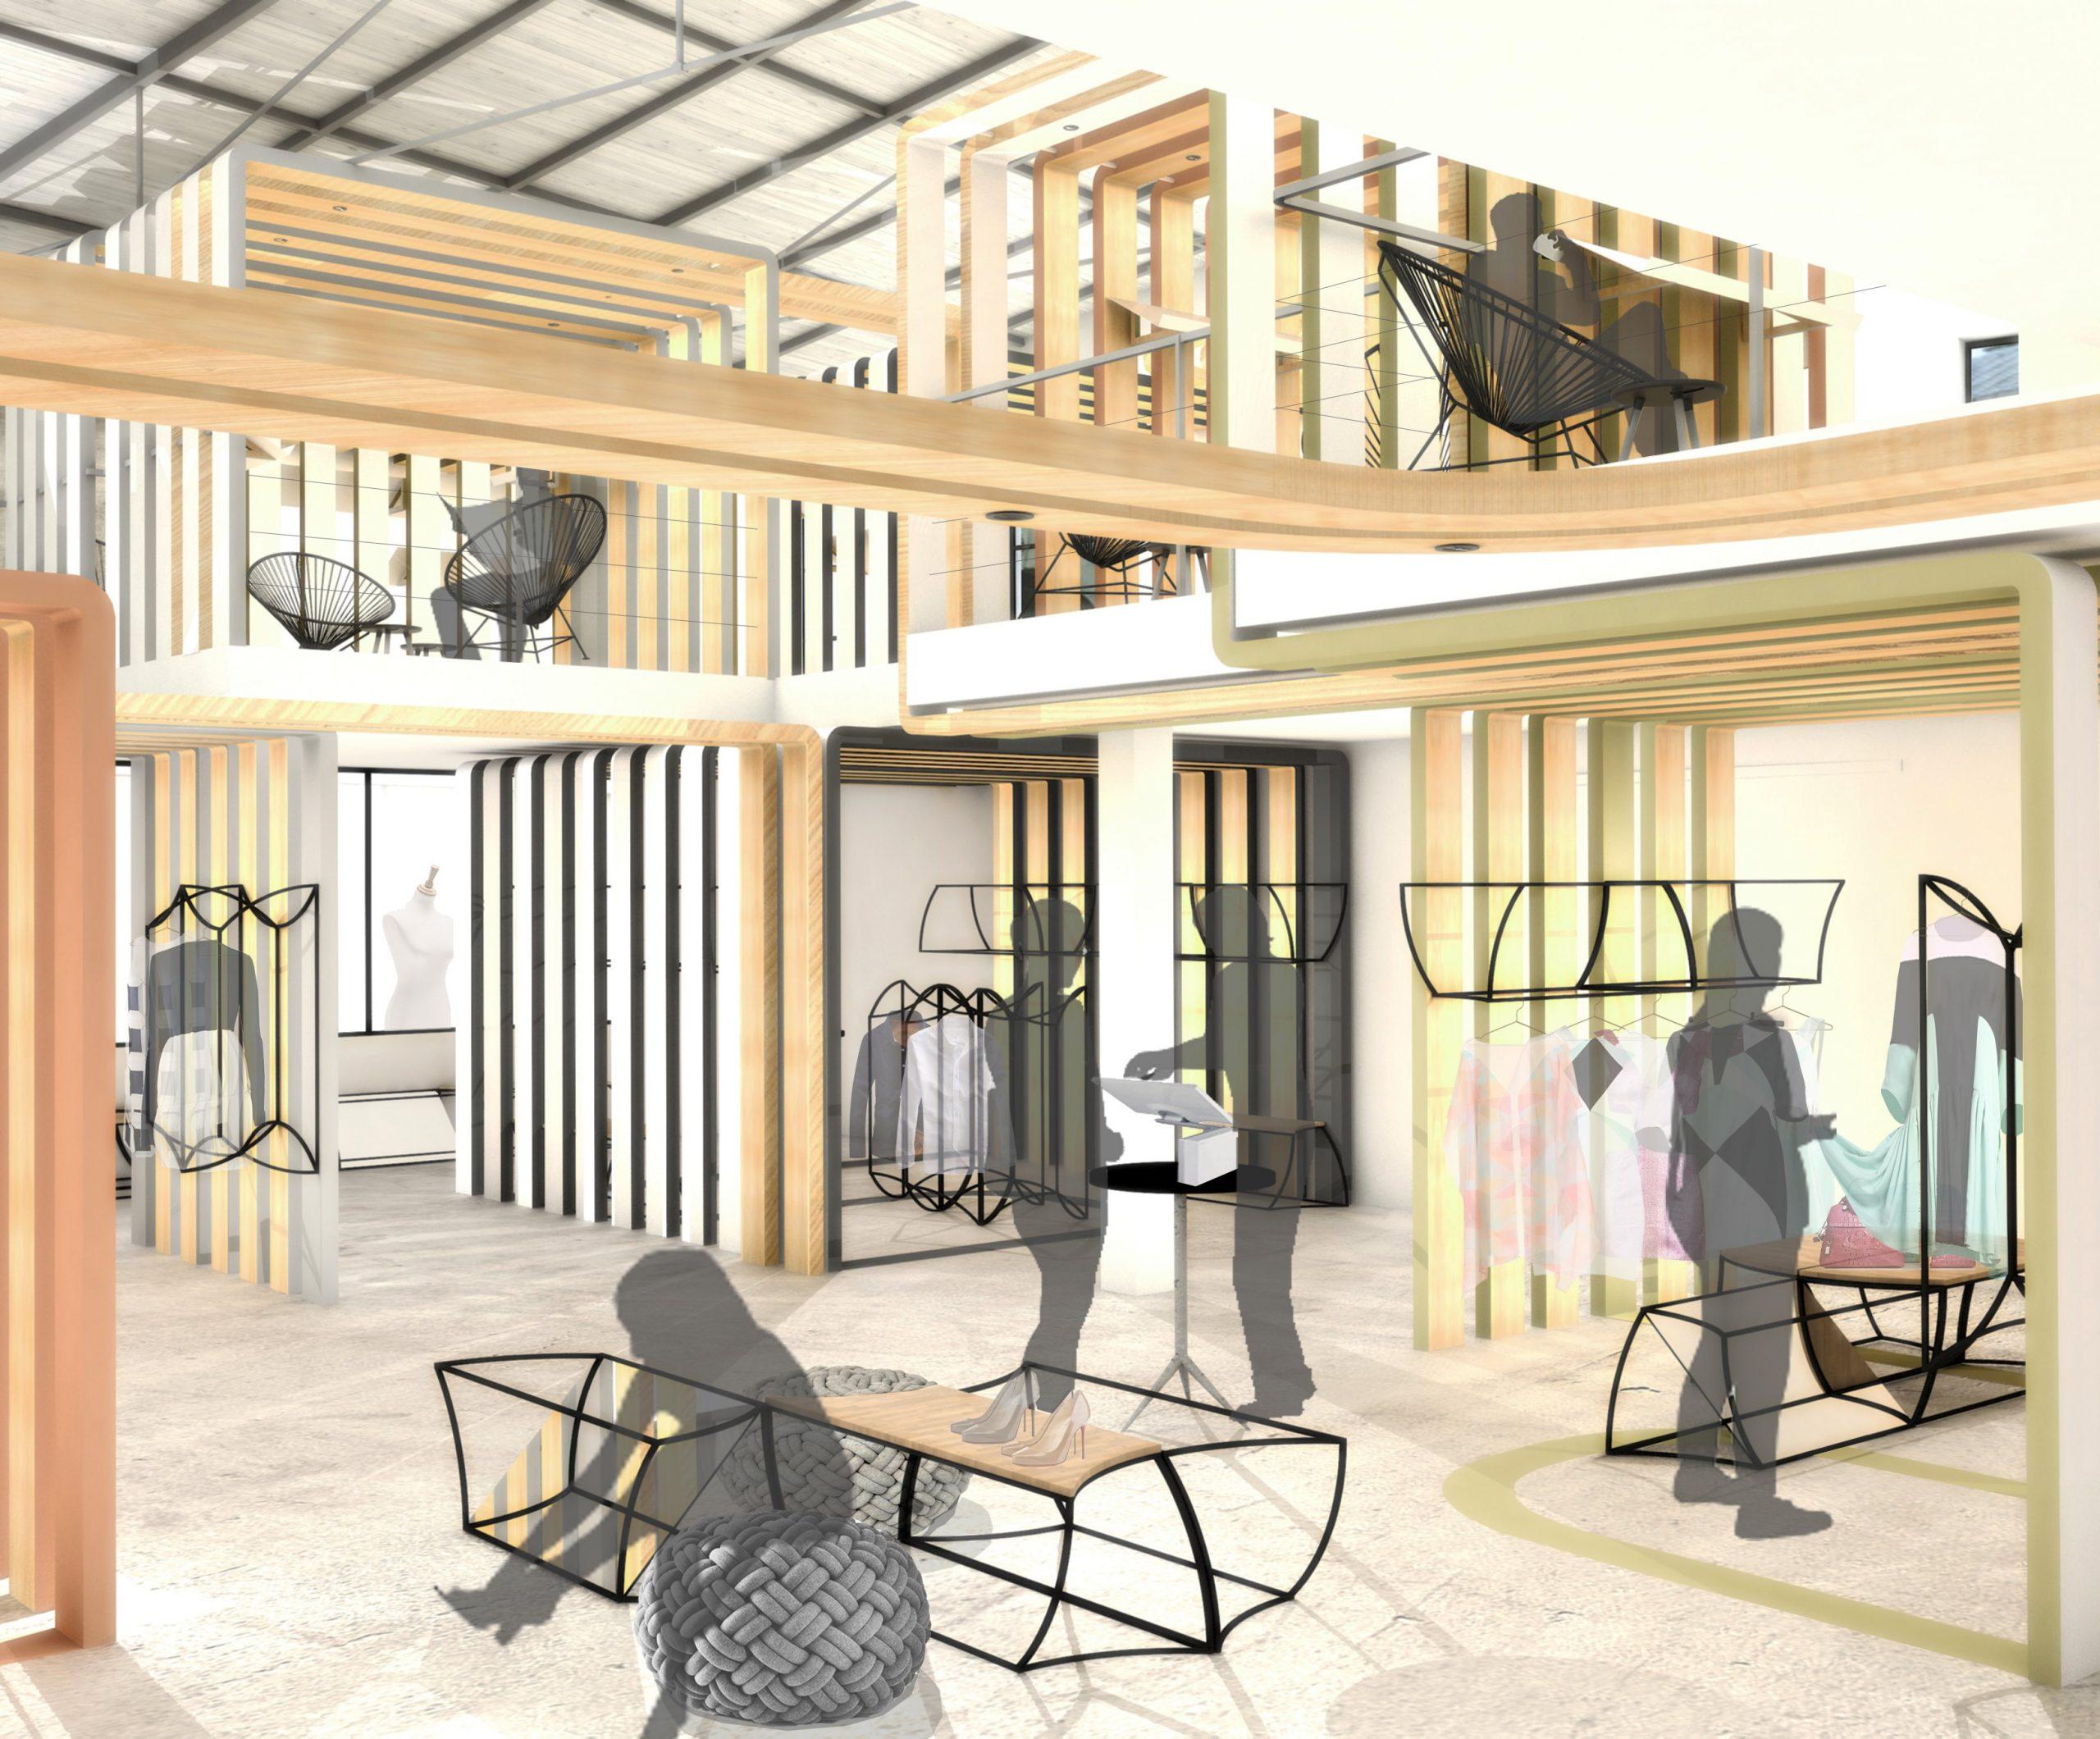 Paris 04 ✦ Showroom dédié à un collectif de stylistes réalisant du prêt-à-porter haut de gamme